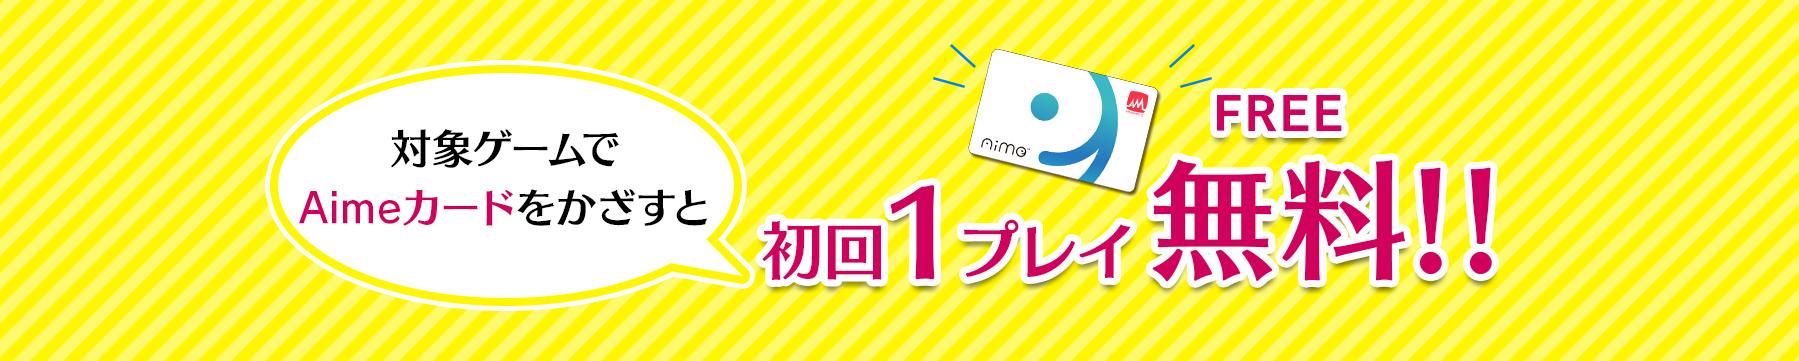 対象ゲームでAimeカードをかざすと初回1プレイ無料!!